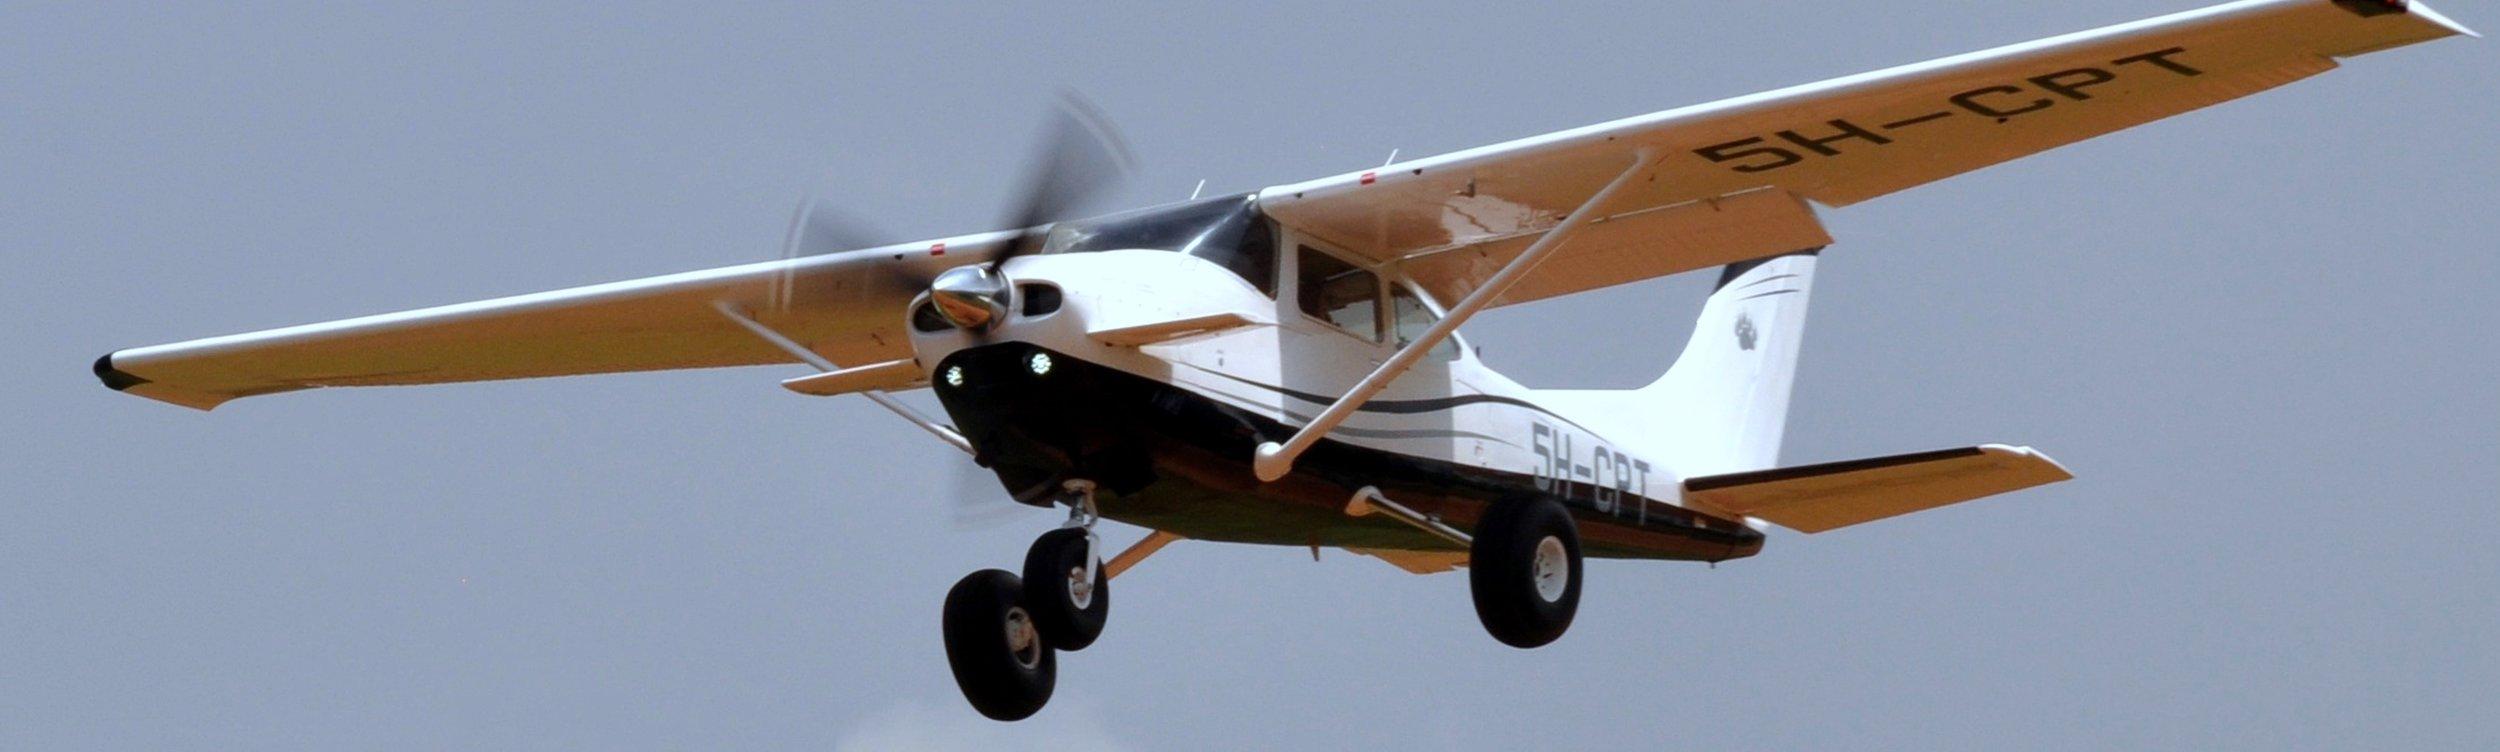 Cessna Skylane 182Q:  Überflug in der Regenzeit macht möglich, was mit Auto unmöglich wäre |  © RS